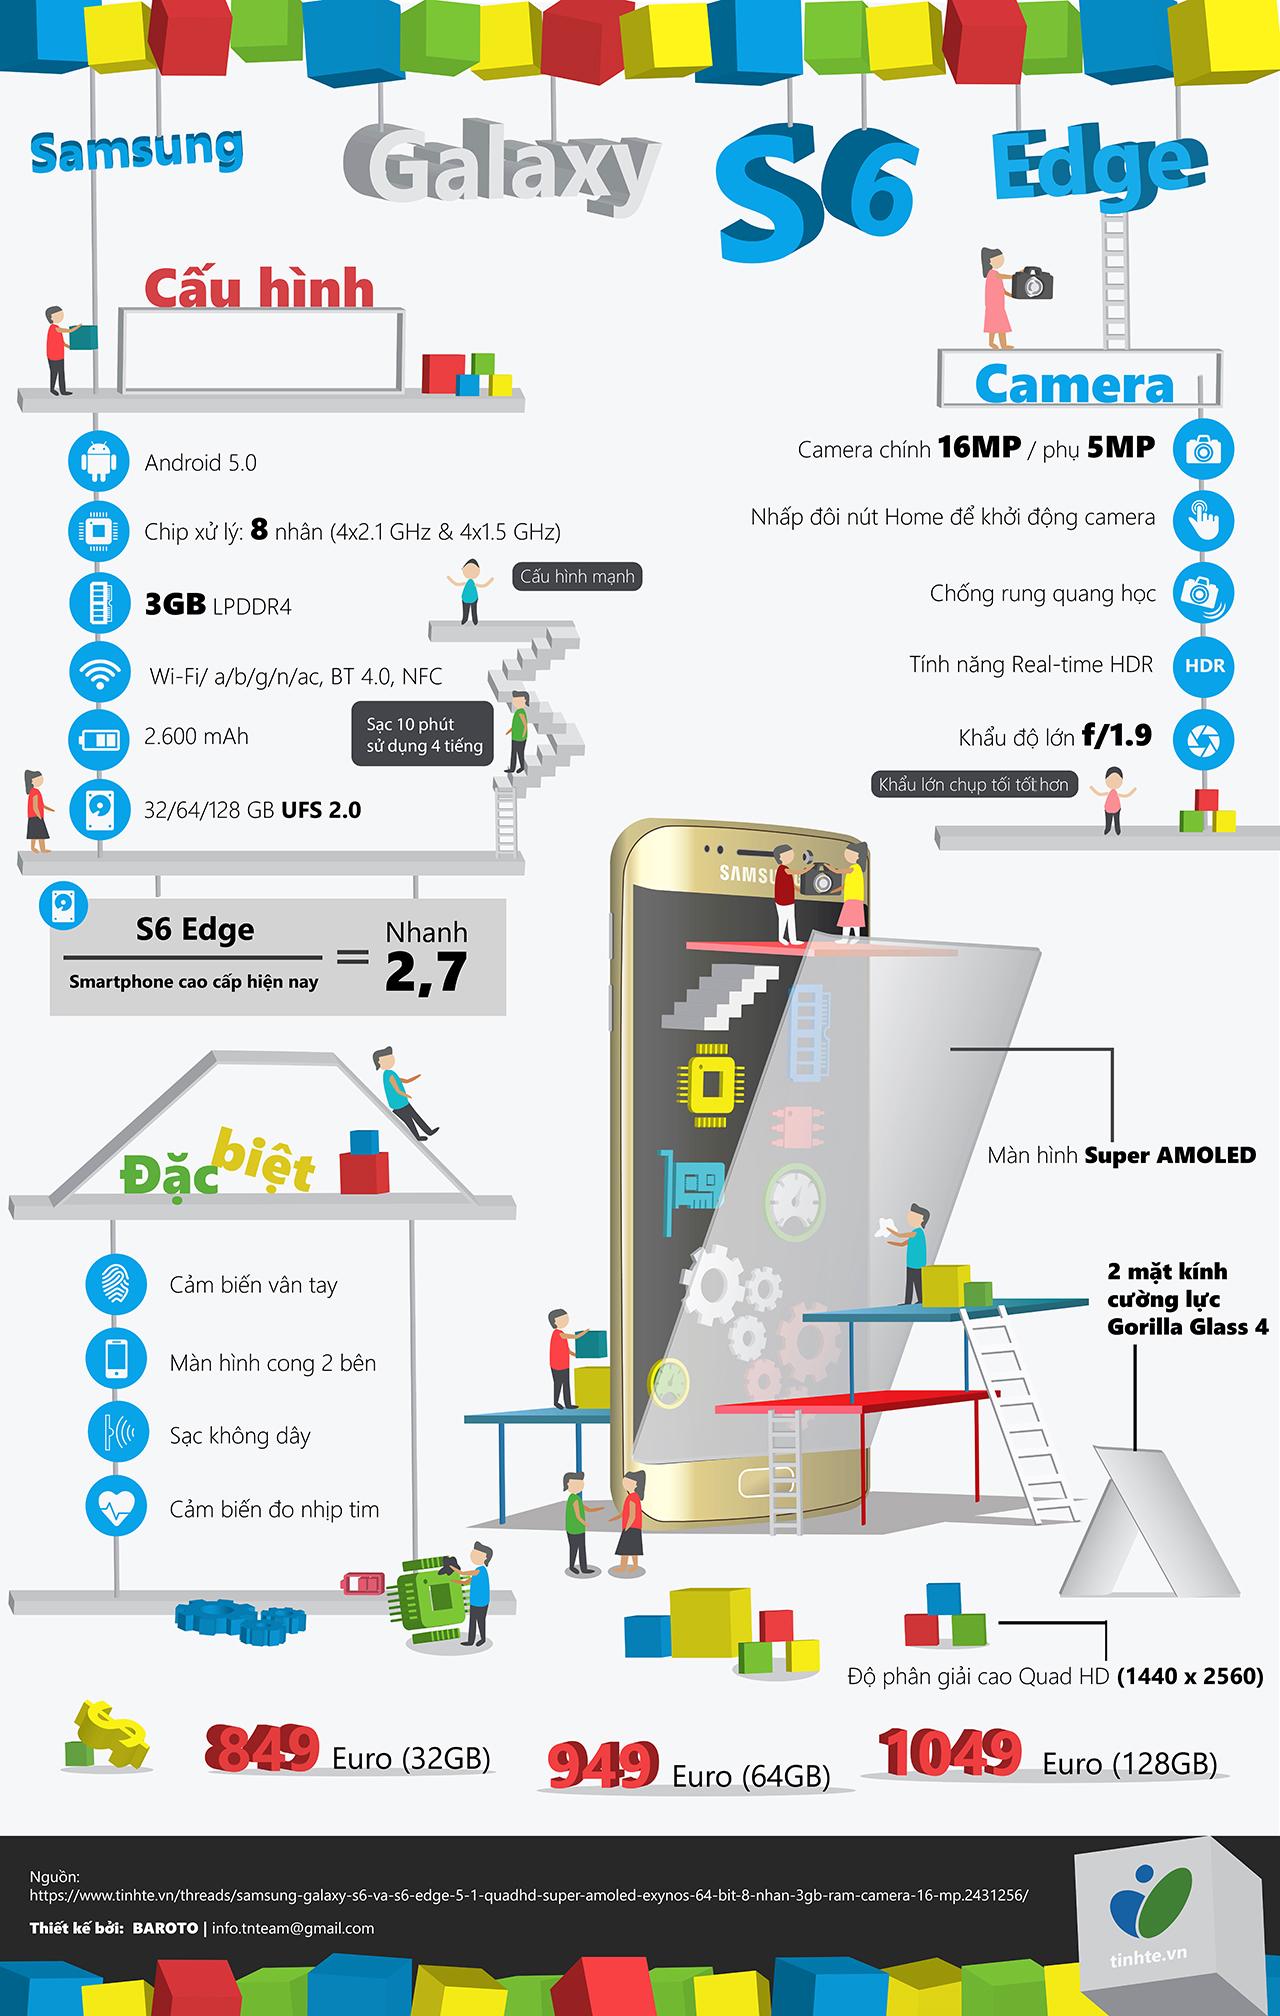 [Infographic] Đôi nét về Samsung Galaxy S6 Edge